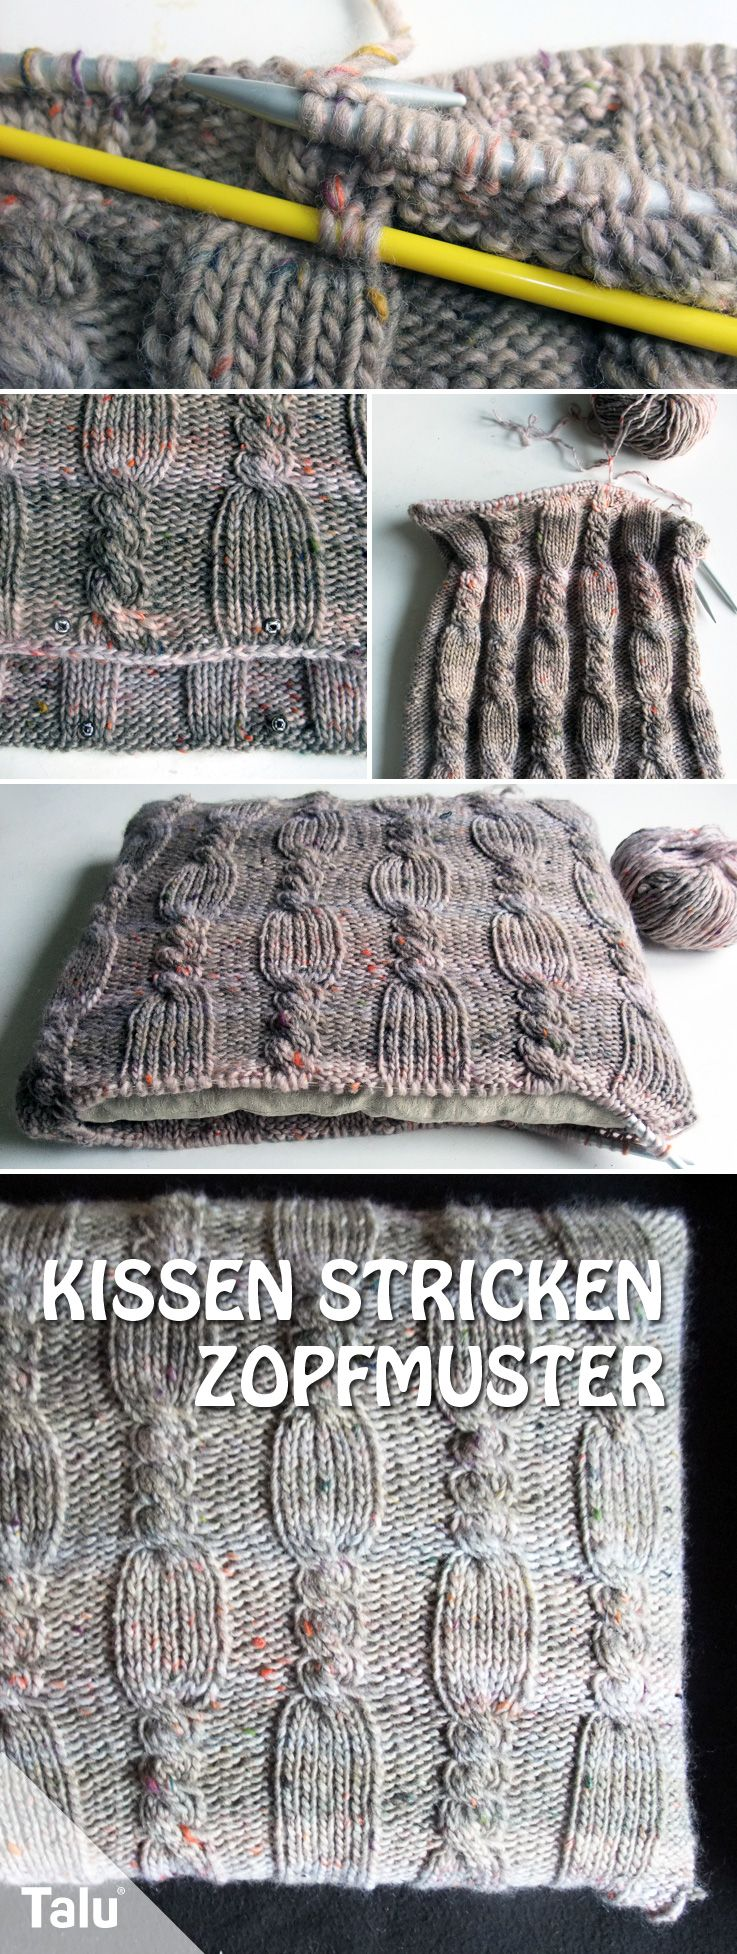 kissen stricken mit zopfmuster anleitung f r dicke wolle richtig gestrickt anleitungen zum. Black Bedroom Furniture Sets. Home Design Ideas